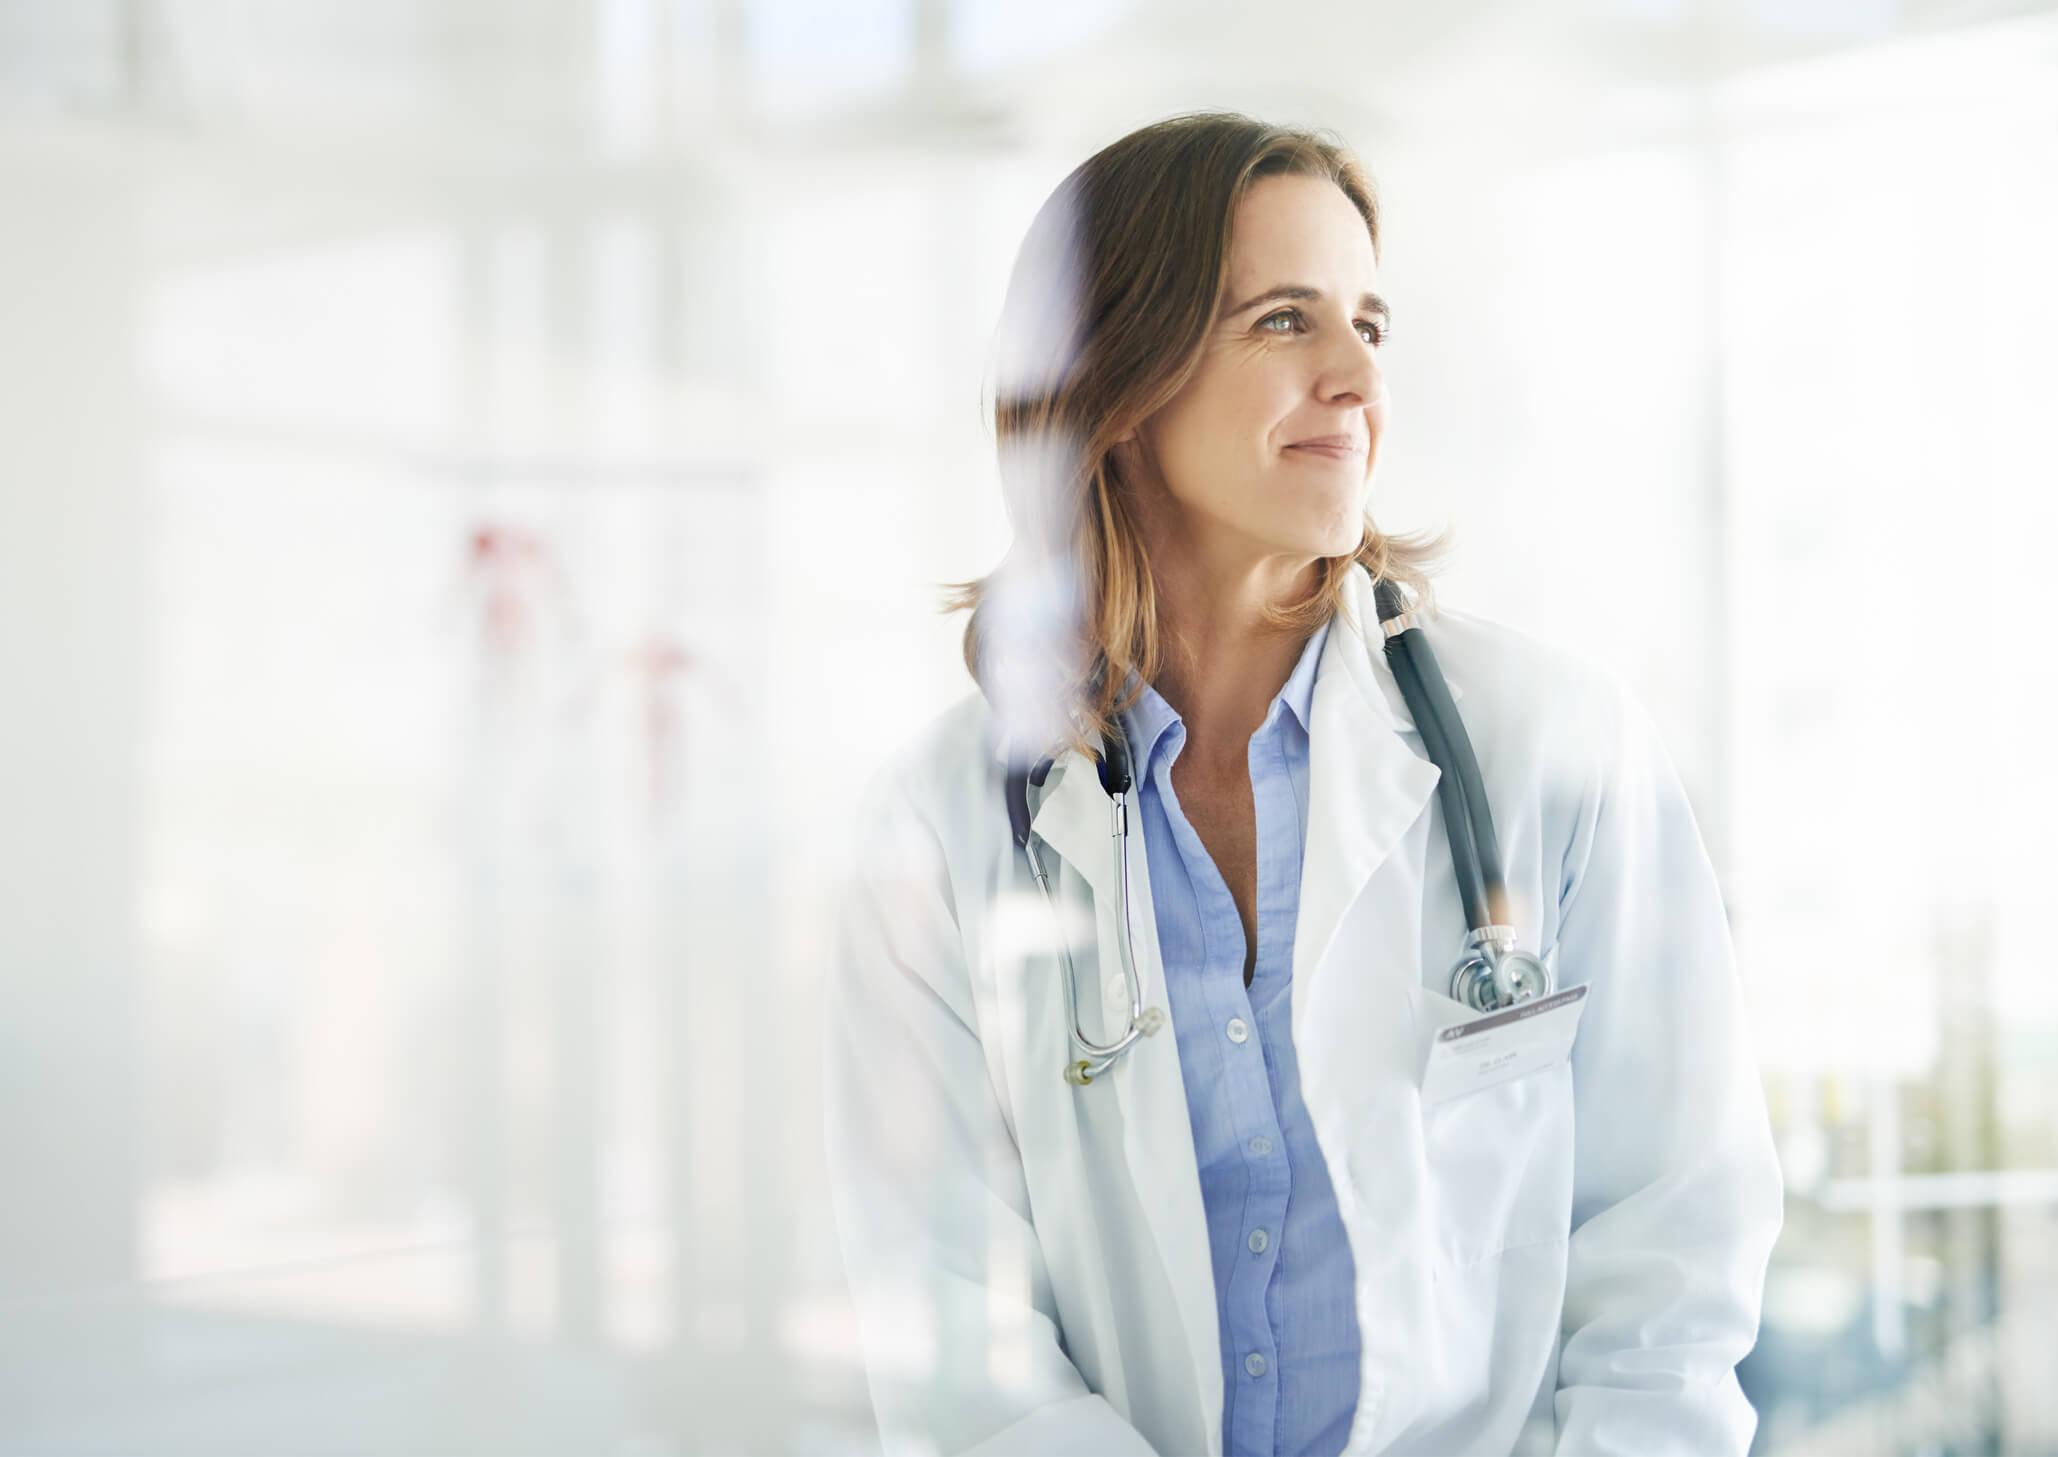 Carreira na saúde: prepare-se para se tornar um gestor de inovação